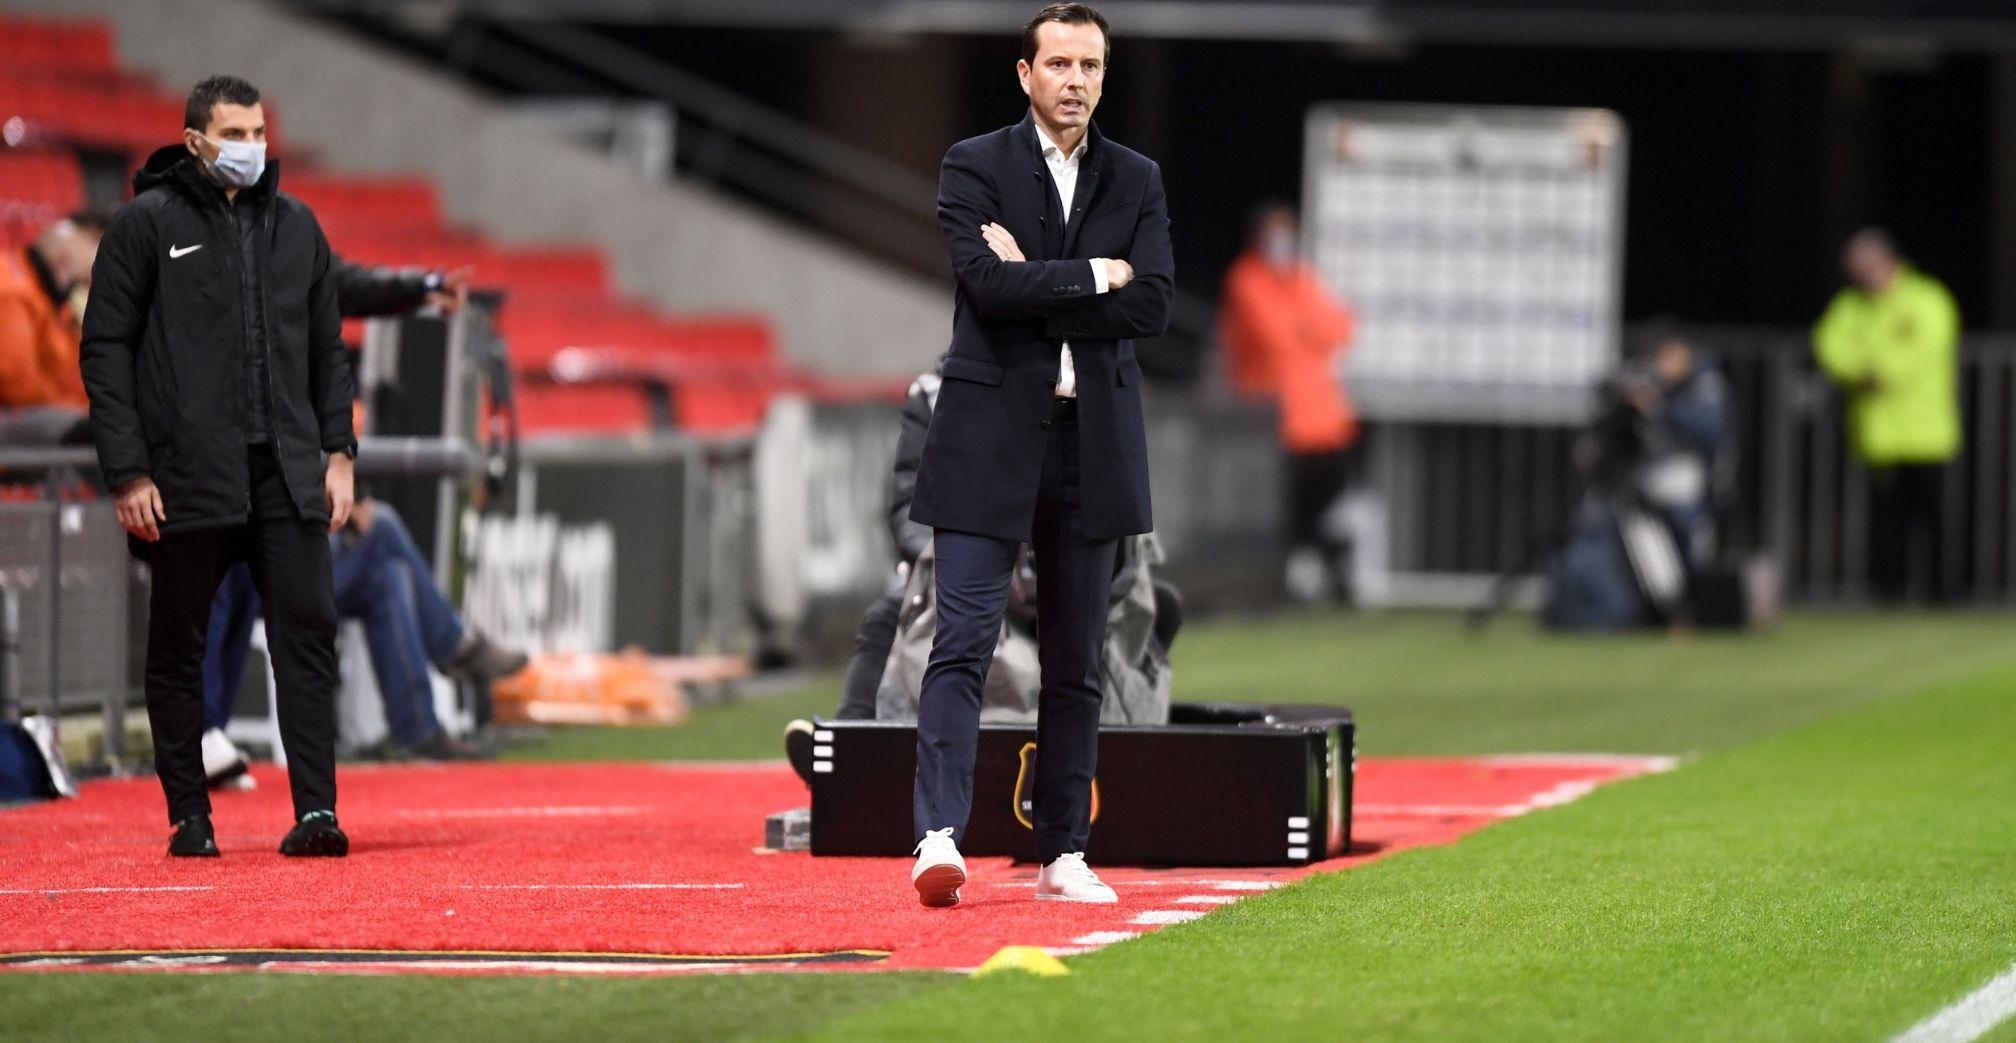 Stade Rennais : Après M'Baye Niang, un autre départ à prévoir en attaque ? 1